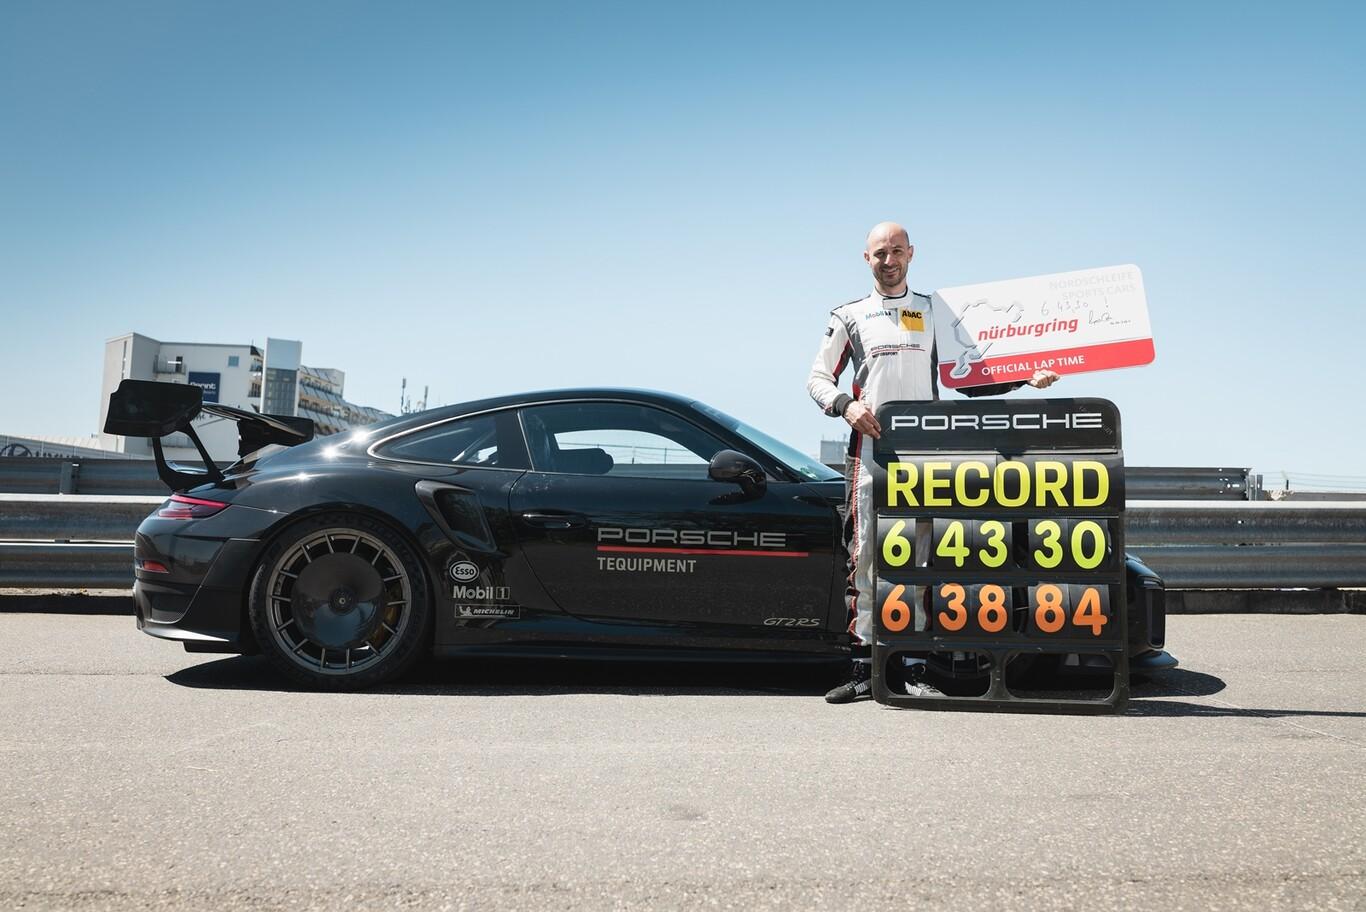 El Mercedes-AMG Black Series es destronado en Nürburgring por el Porsche 911 GT2 RS